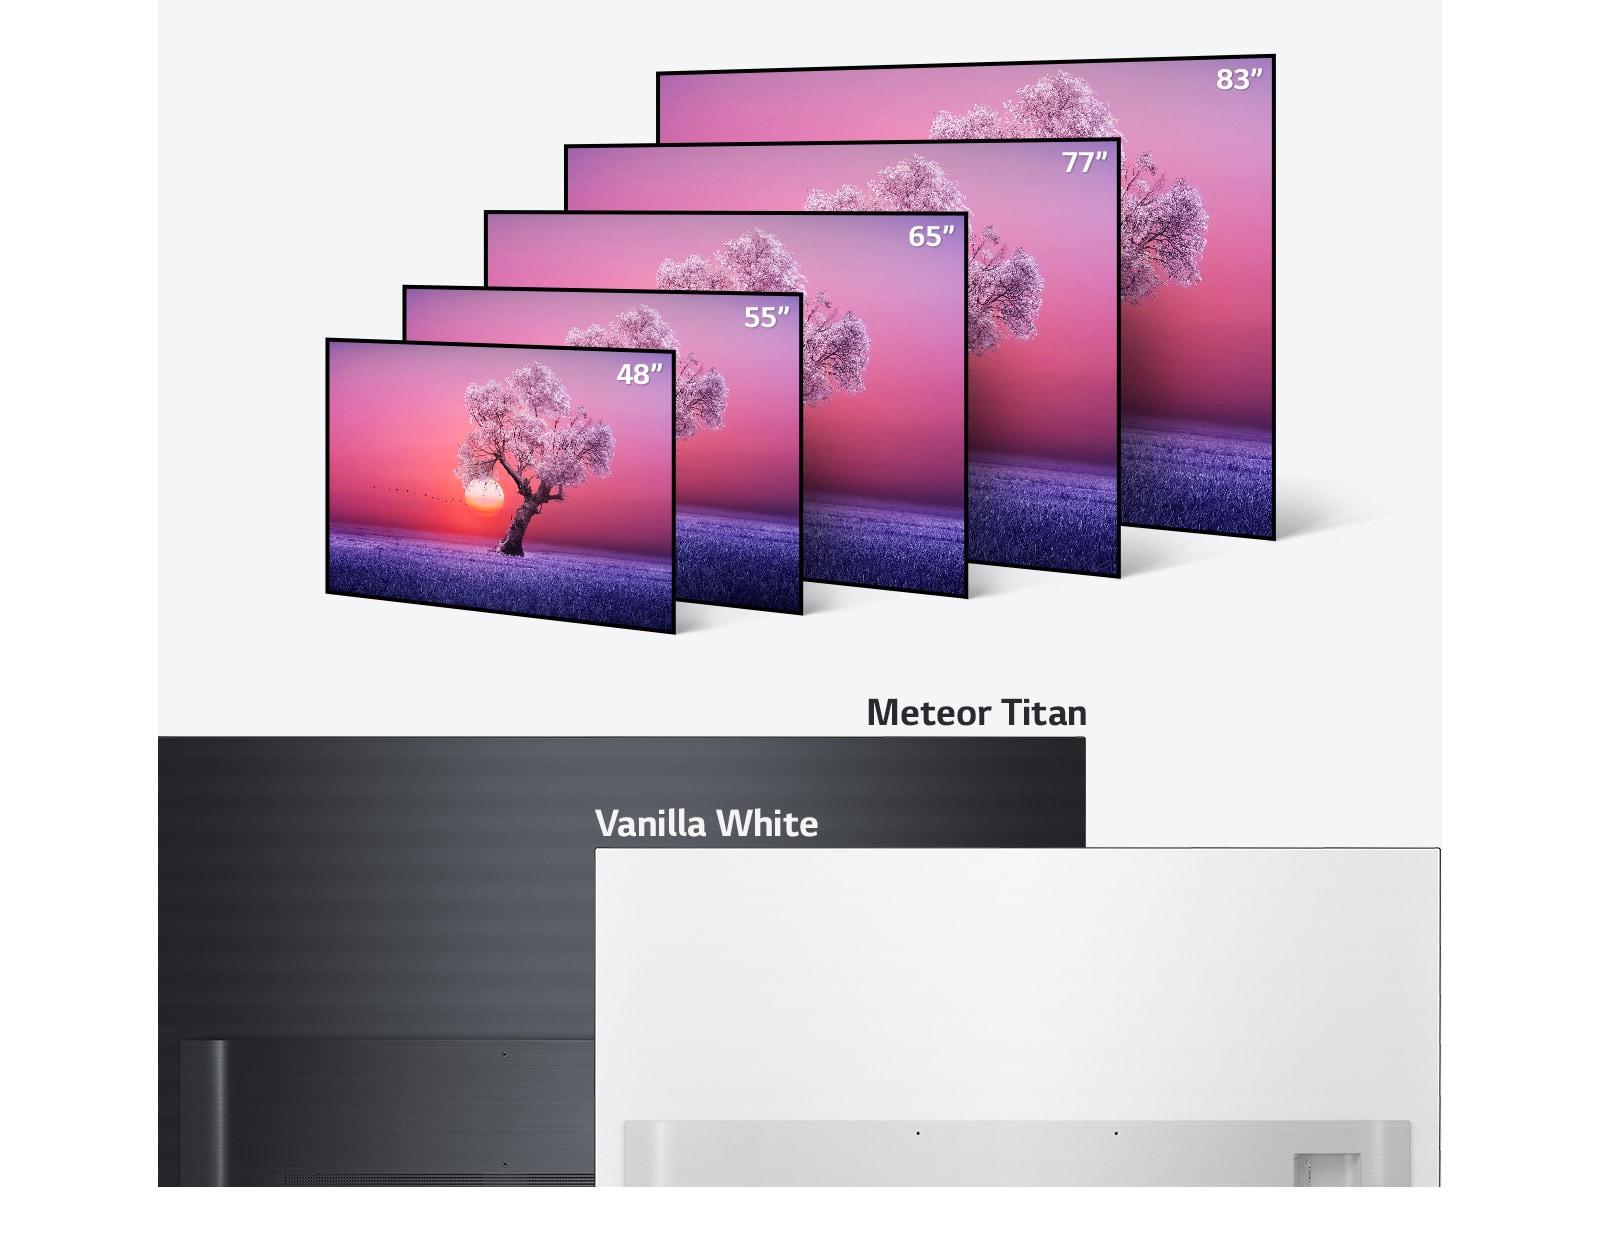 Niz televizora LG OLED u raznim veličinama od 48 do 83 inča te u svjetlocrnoj boji i boji vanilije